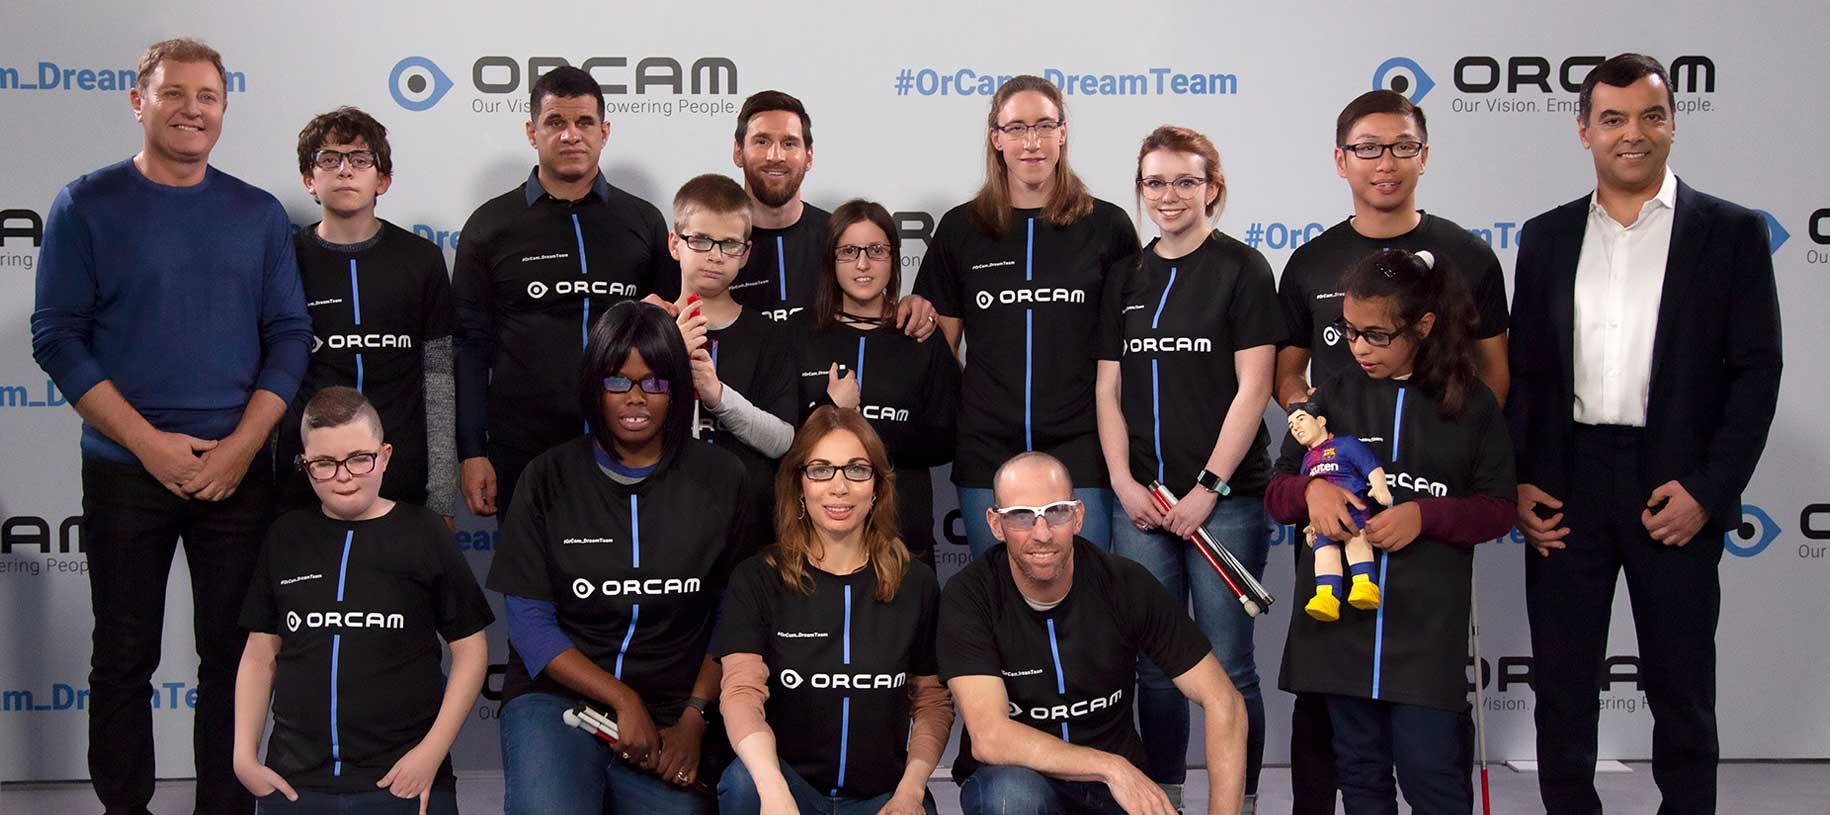 OrCam Dream Team - Messi - Seja o melhor que você pode ser